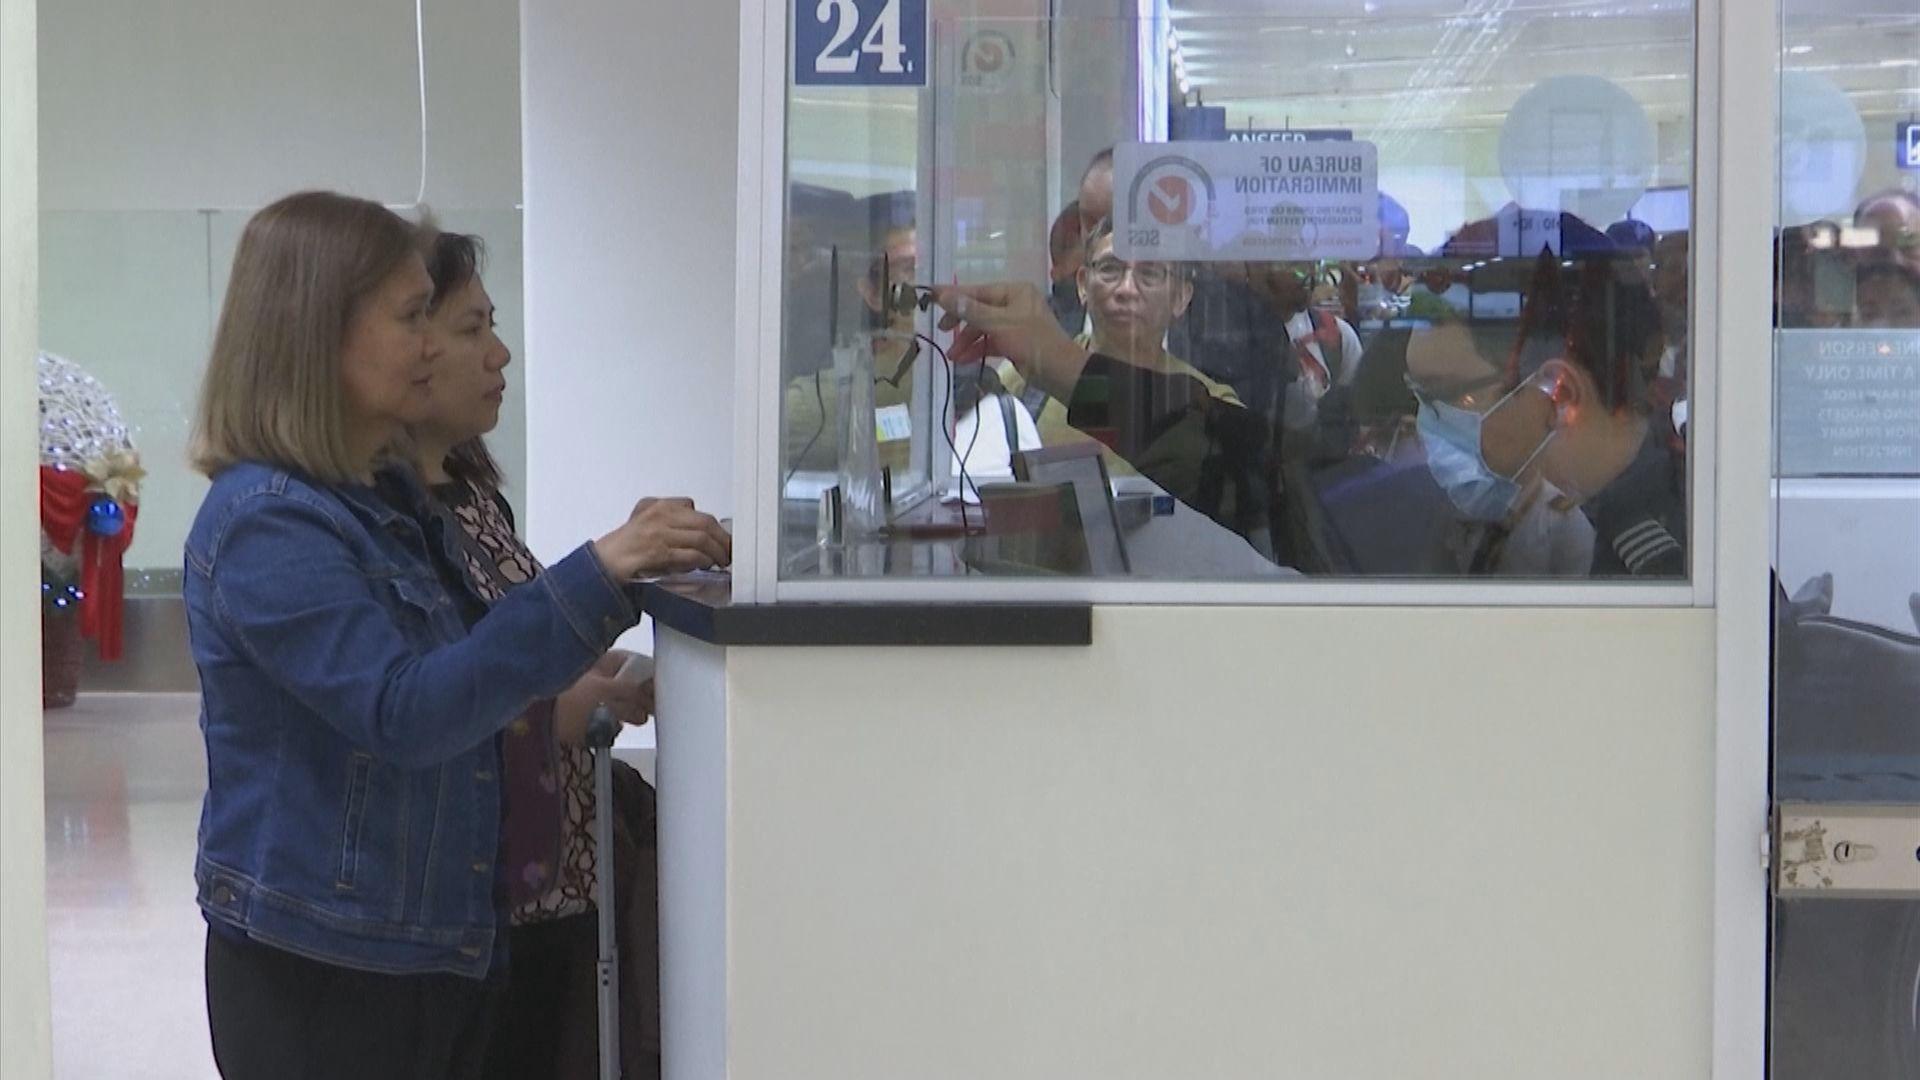 多國禁止曾到中國旅客入境或過境